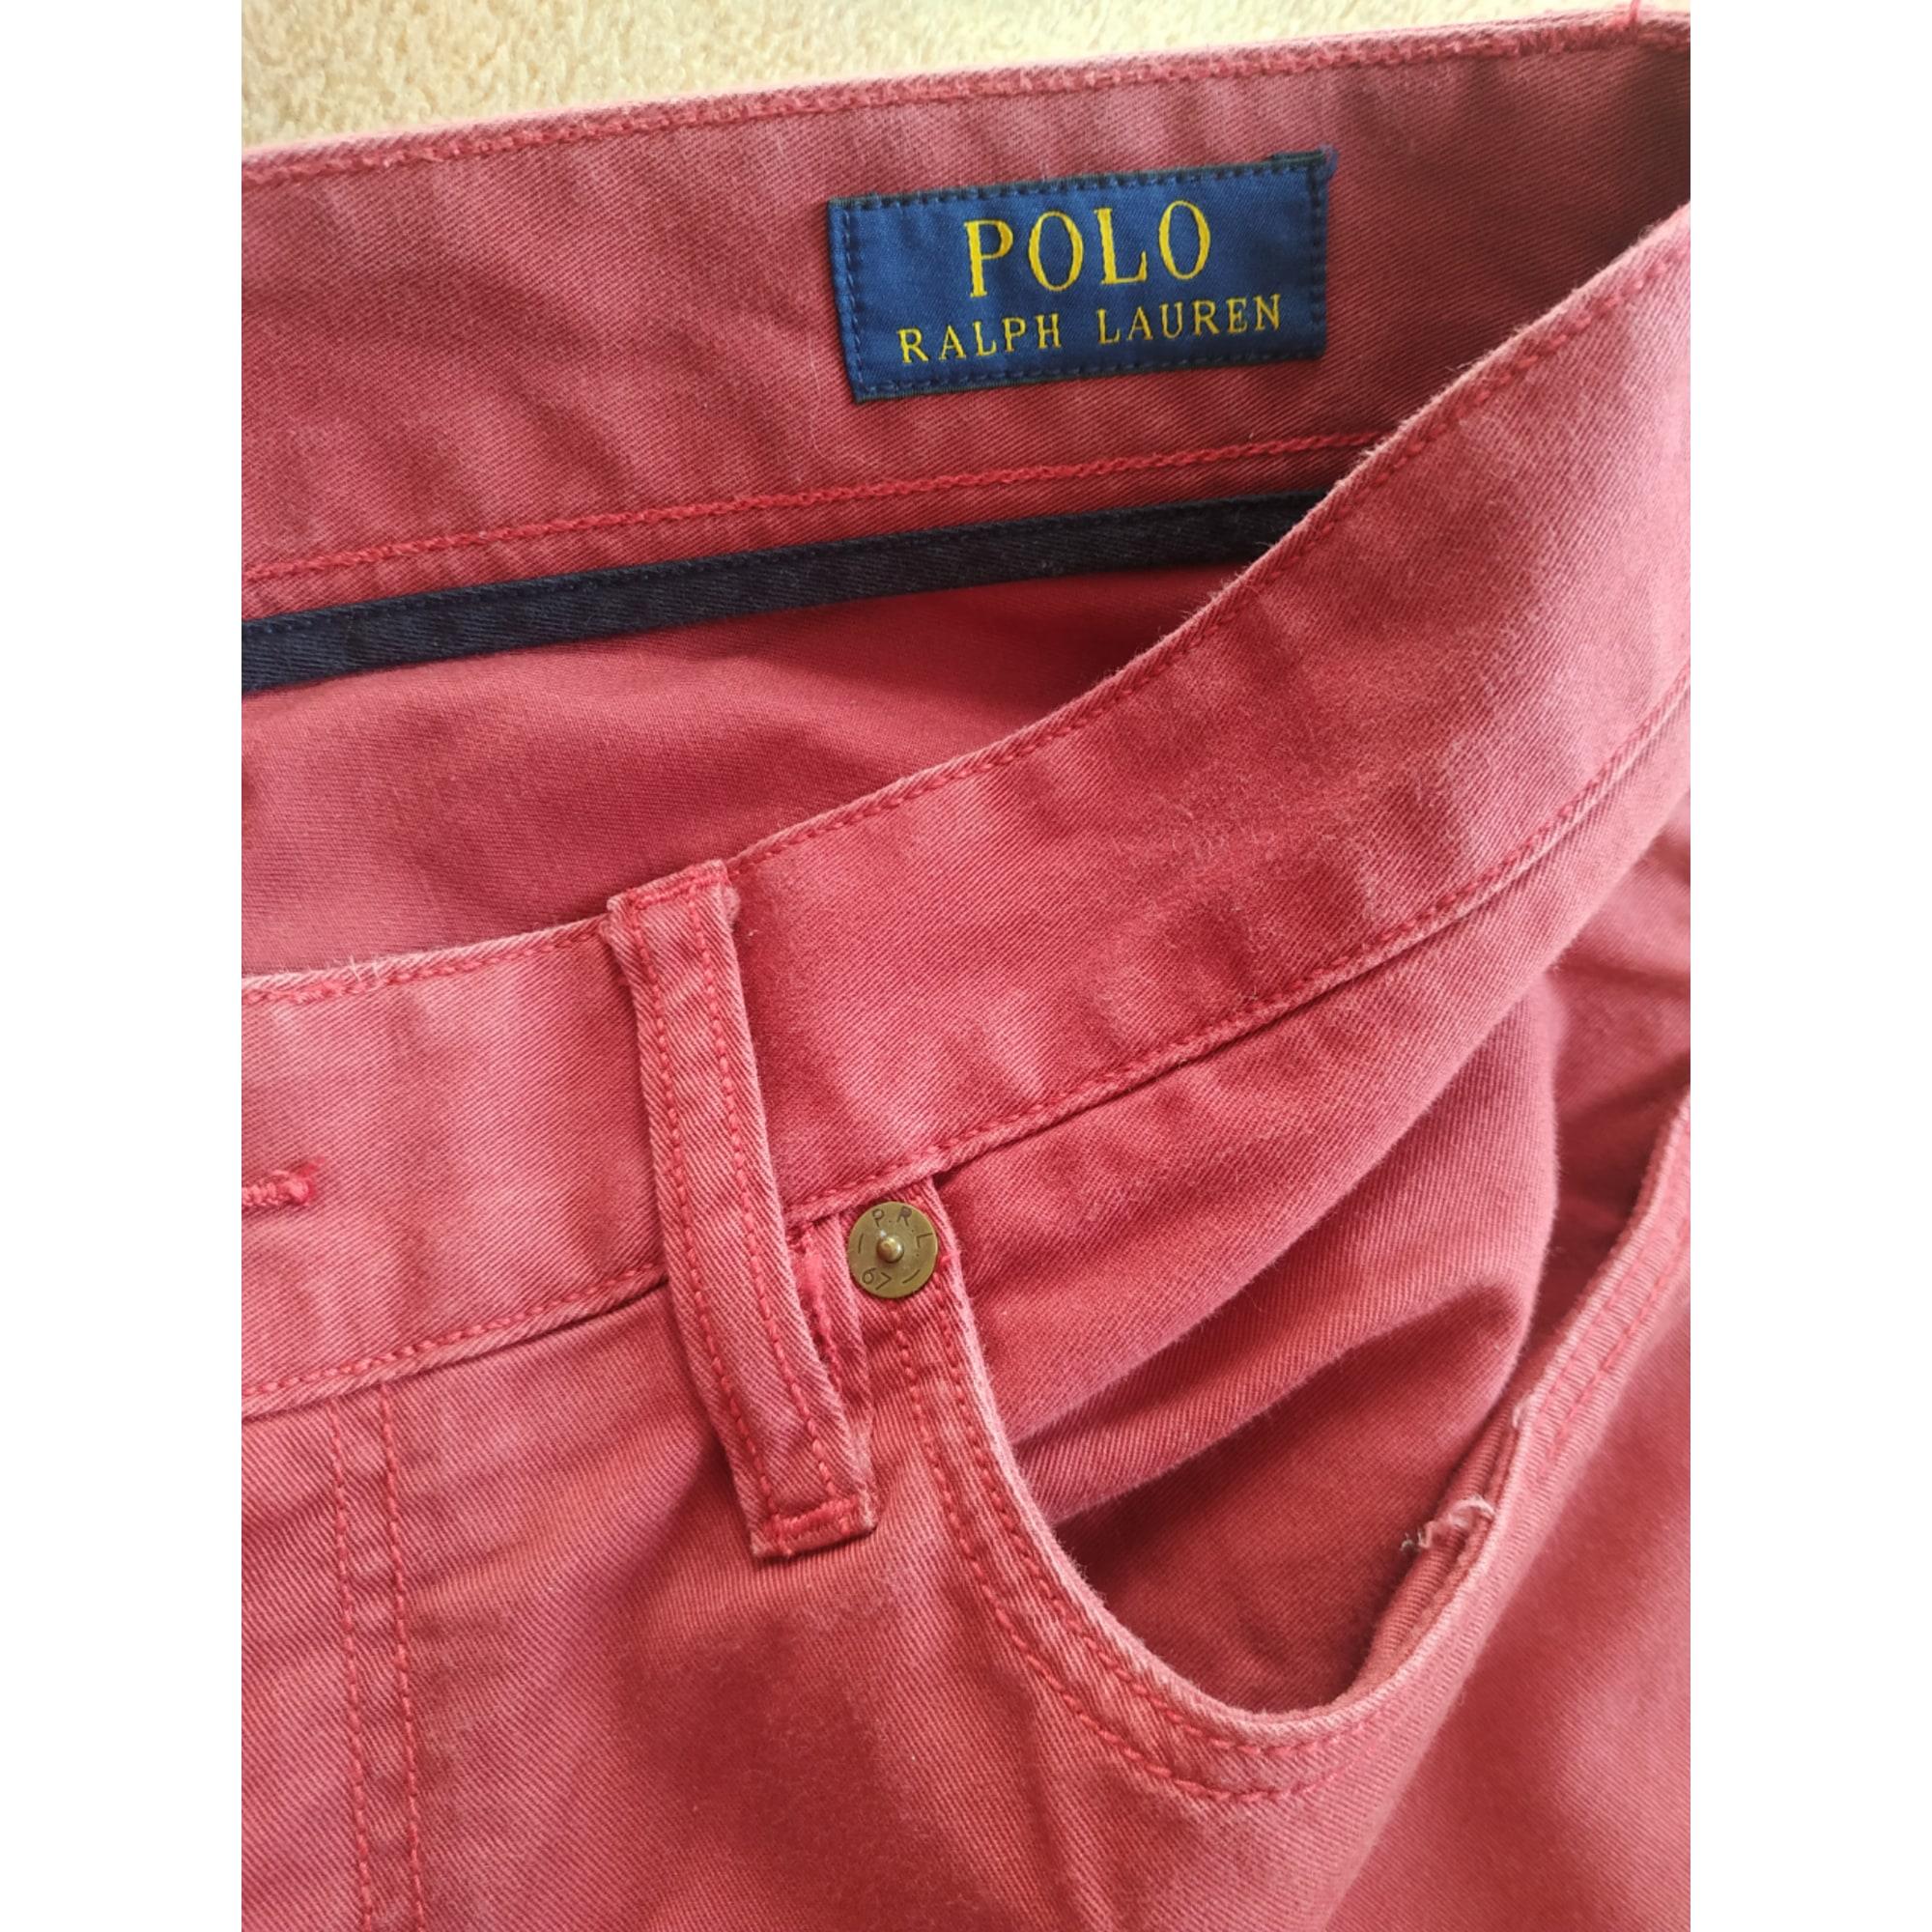 Pantalon droit RALPH LAUREN Rouge, bordeaux